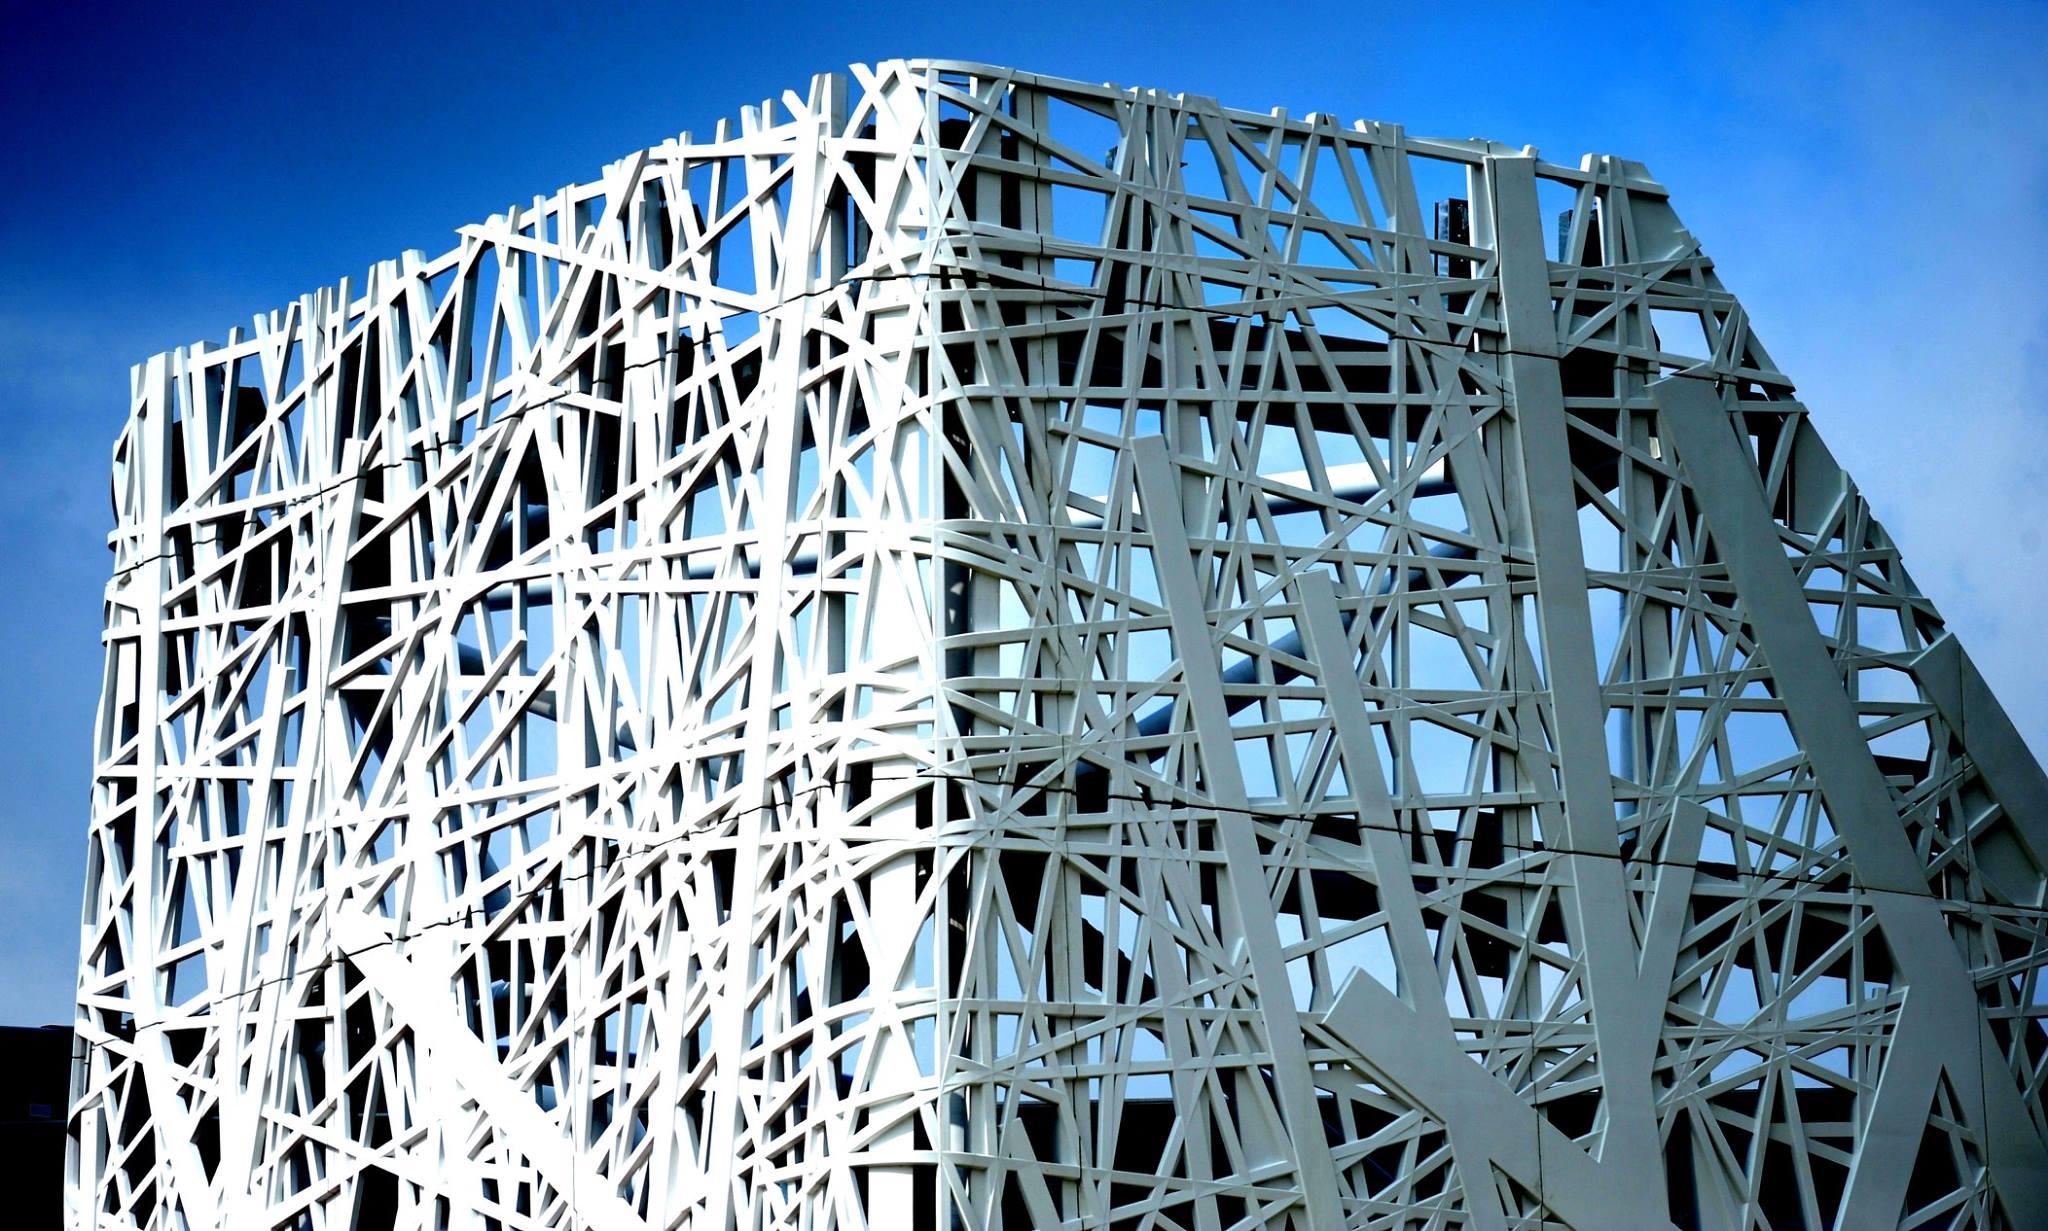 Expo_sito espositivo_6.jpg